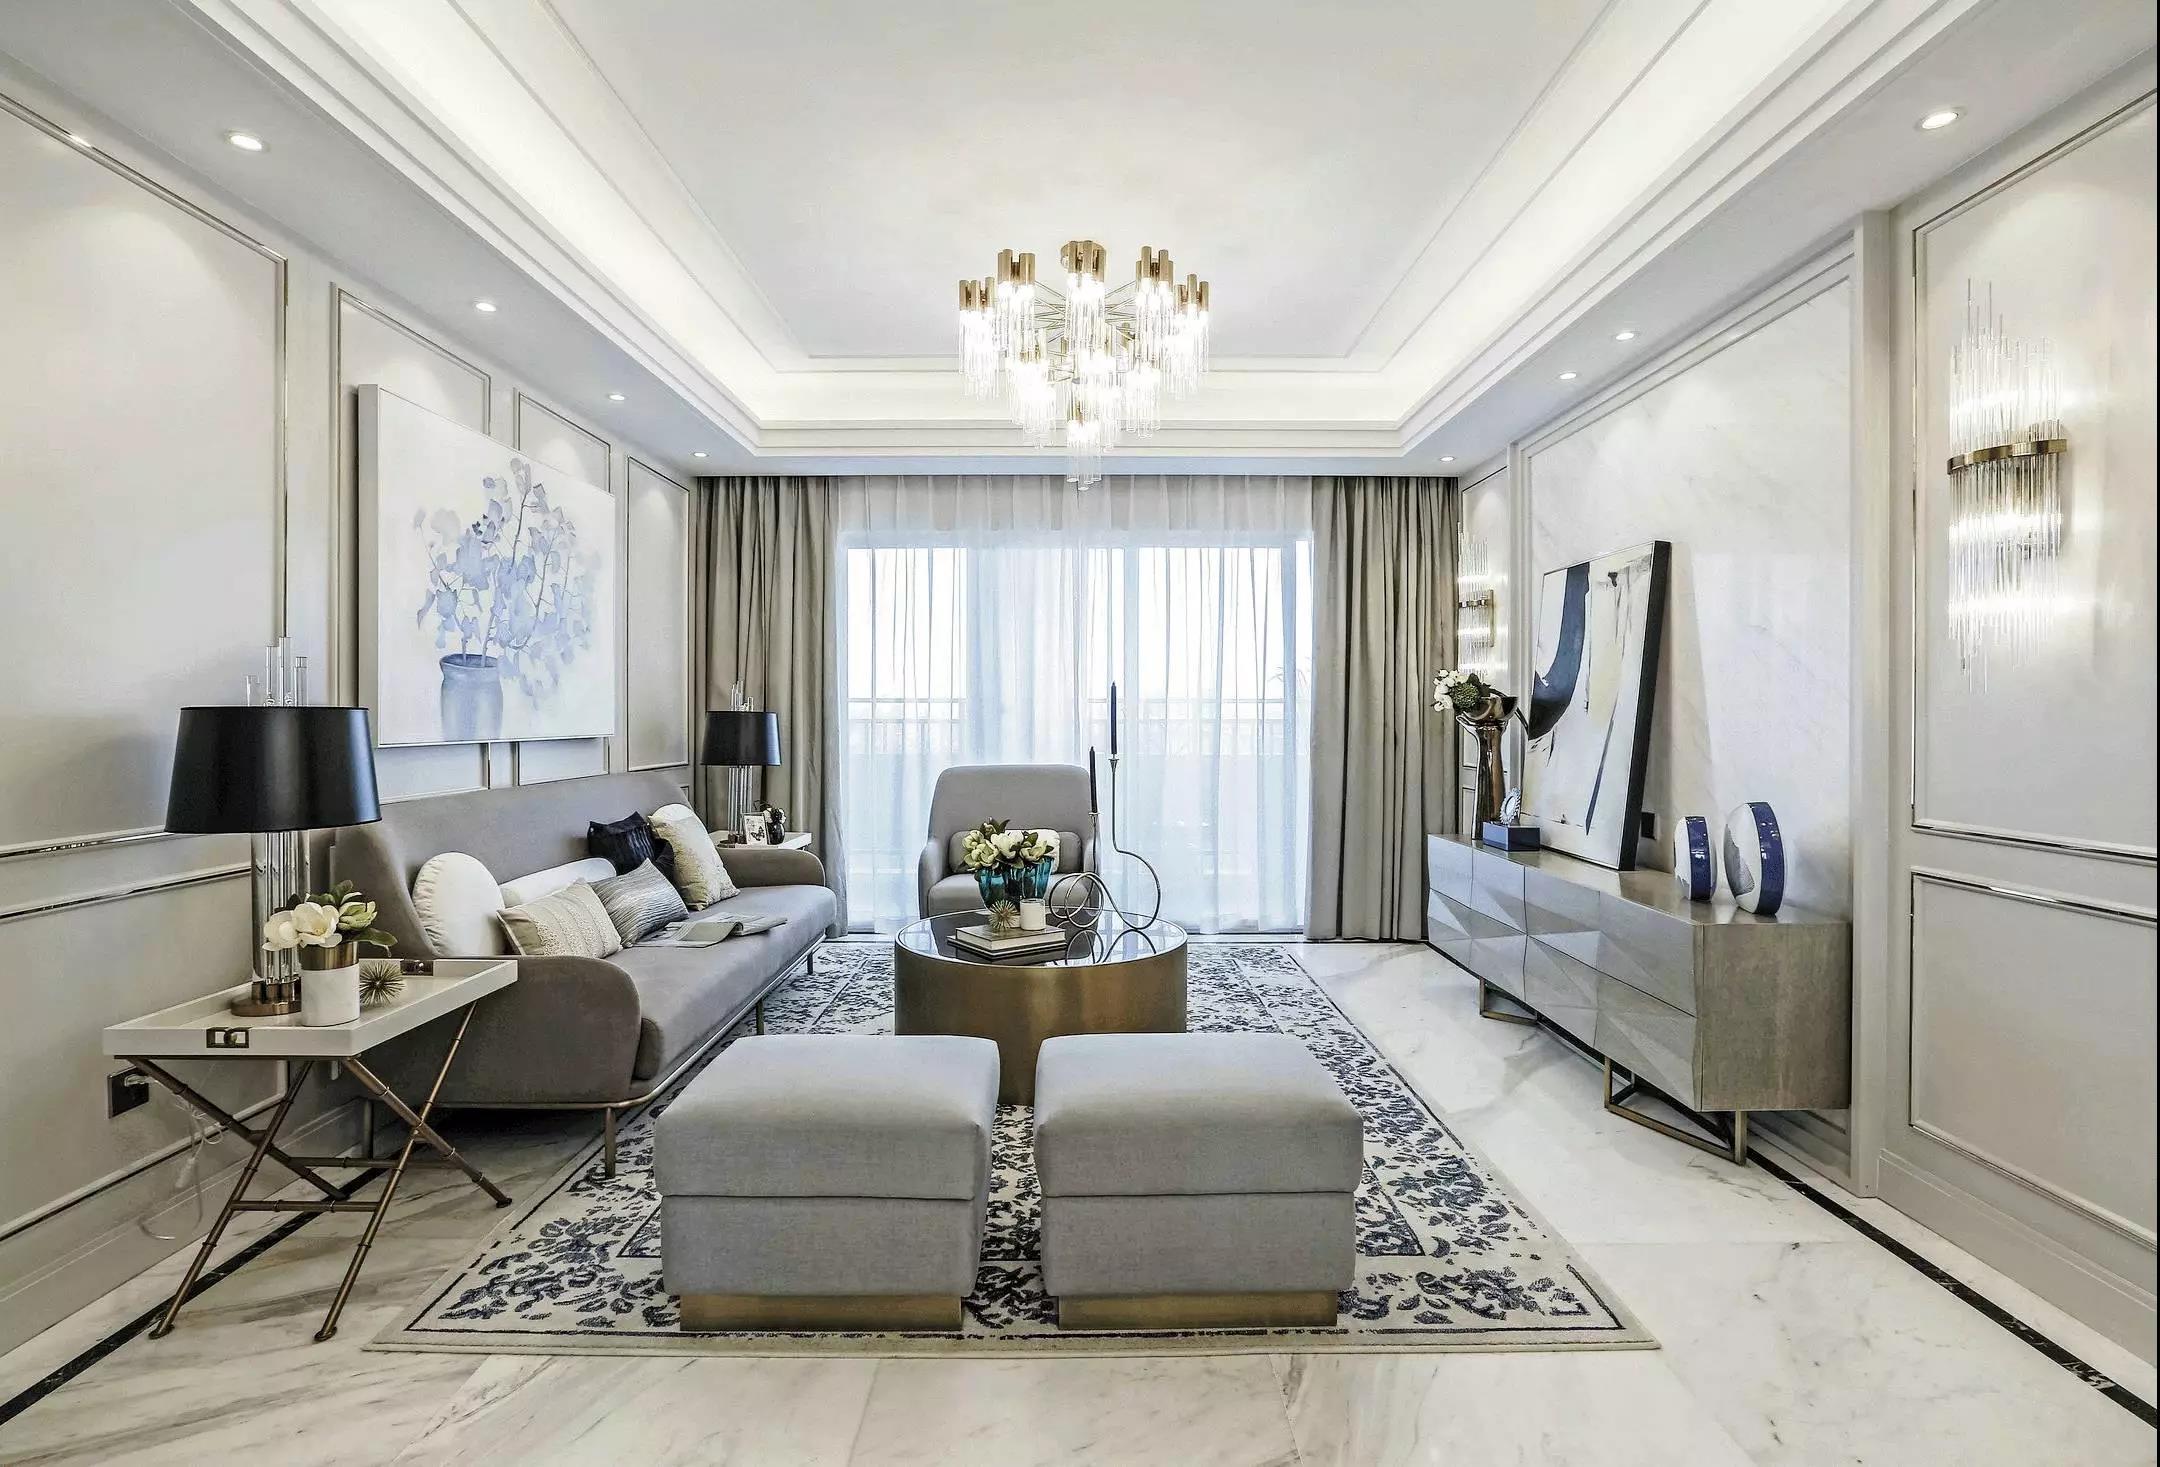 武汉高端别墅装修设计,这样的轻奢装修,最时髦!